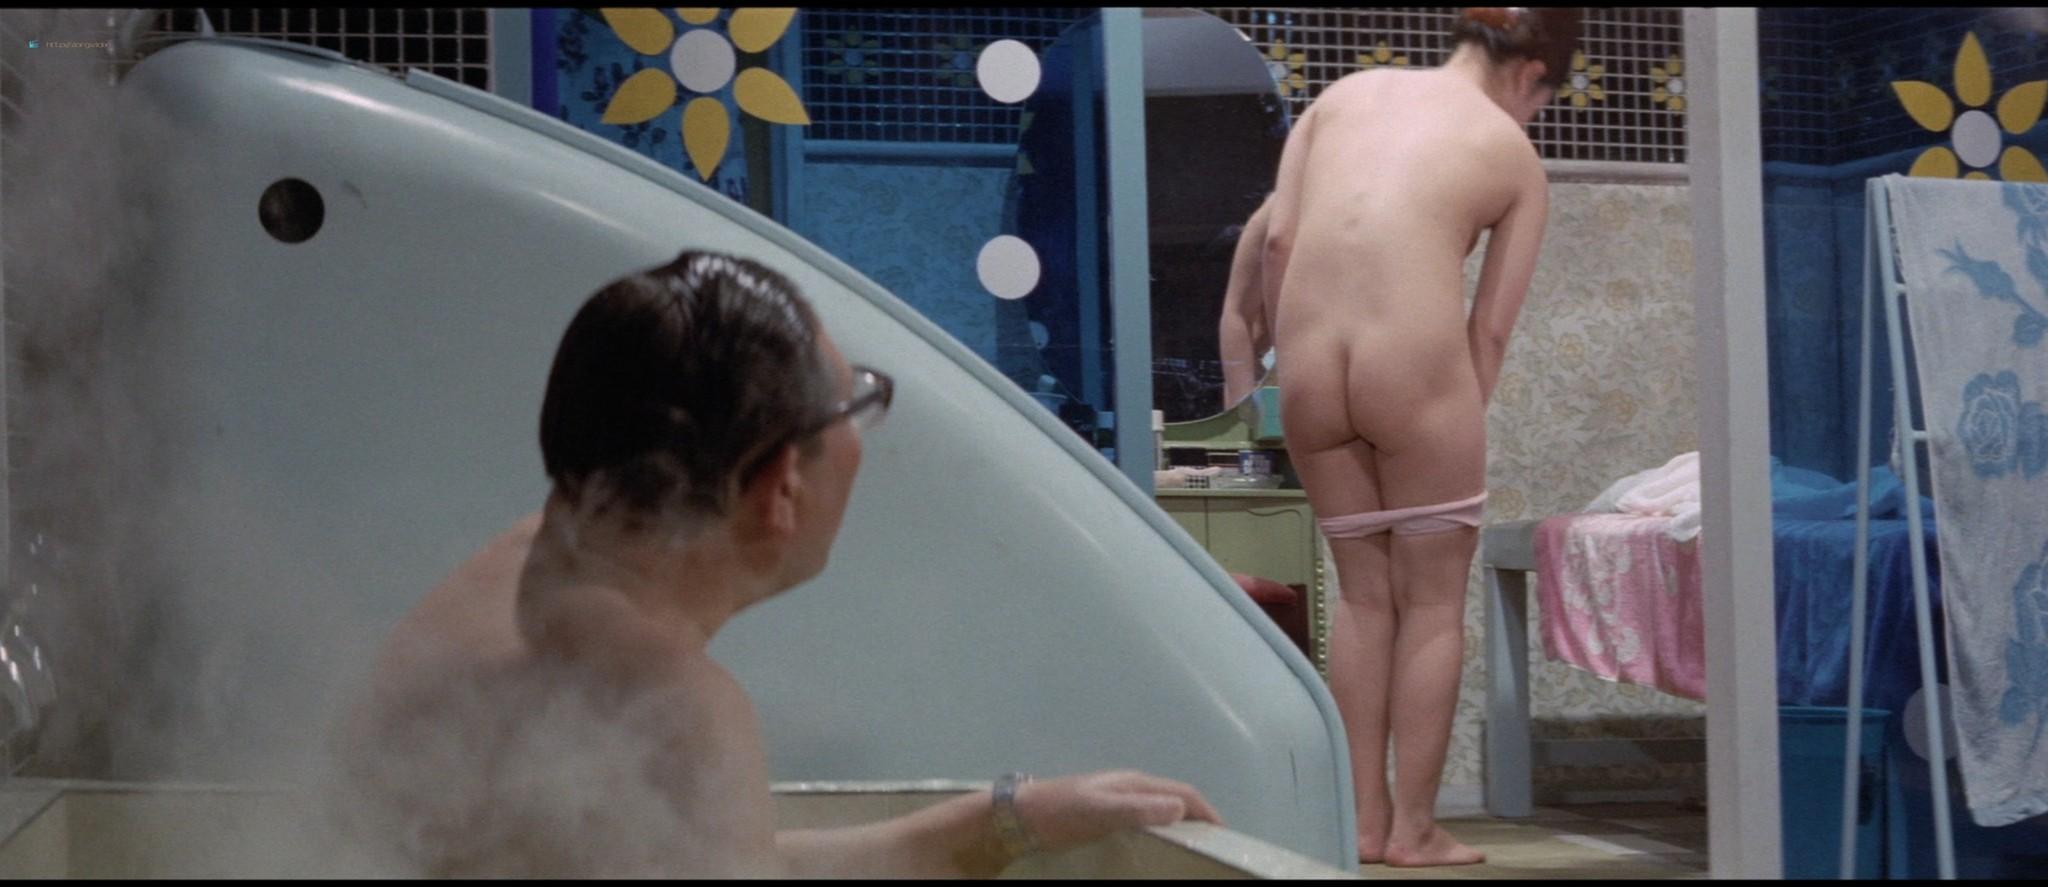 Tomoko Katsura nude sex Hidemi Hara nude sex too - Mesunekotachi no yoru (JP-1972) HD 1080p BluRay (5)